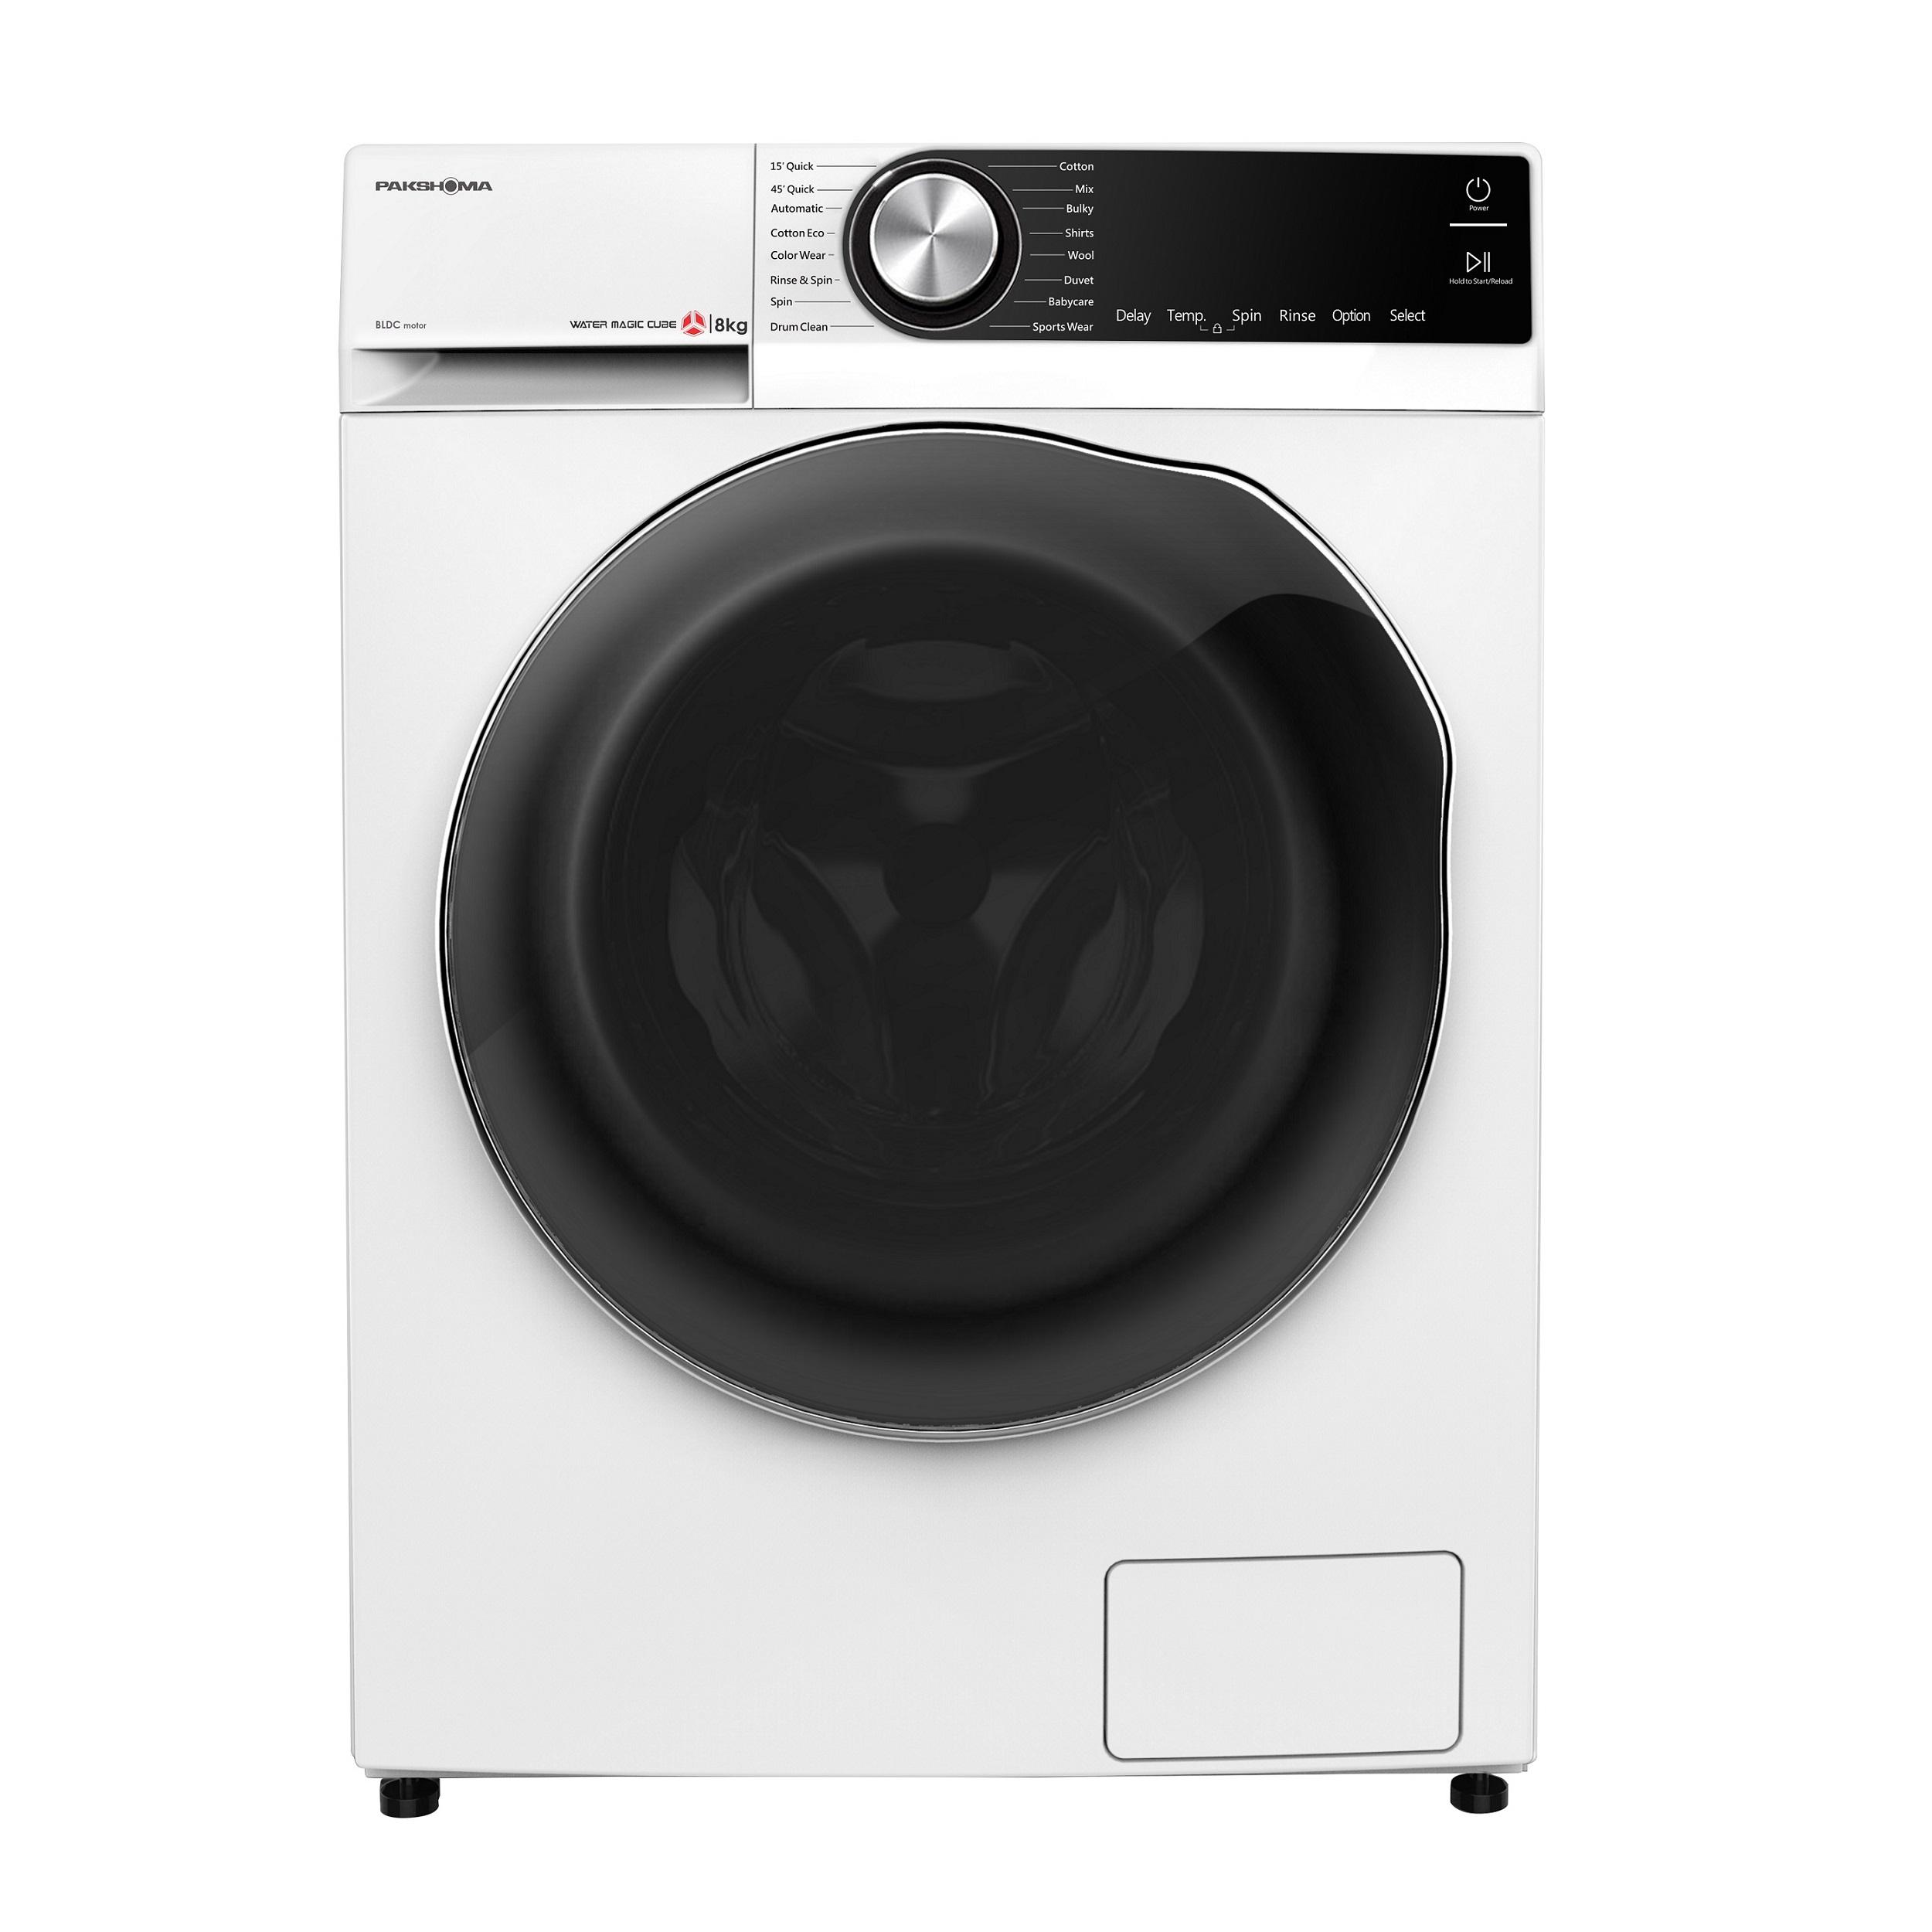 فروش نقدی و اقساطی ماشین لباسشویی پاکشوما مدل TFB-85401WT ظرفیت 8 کیلوگرم